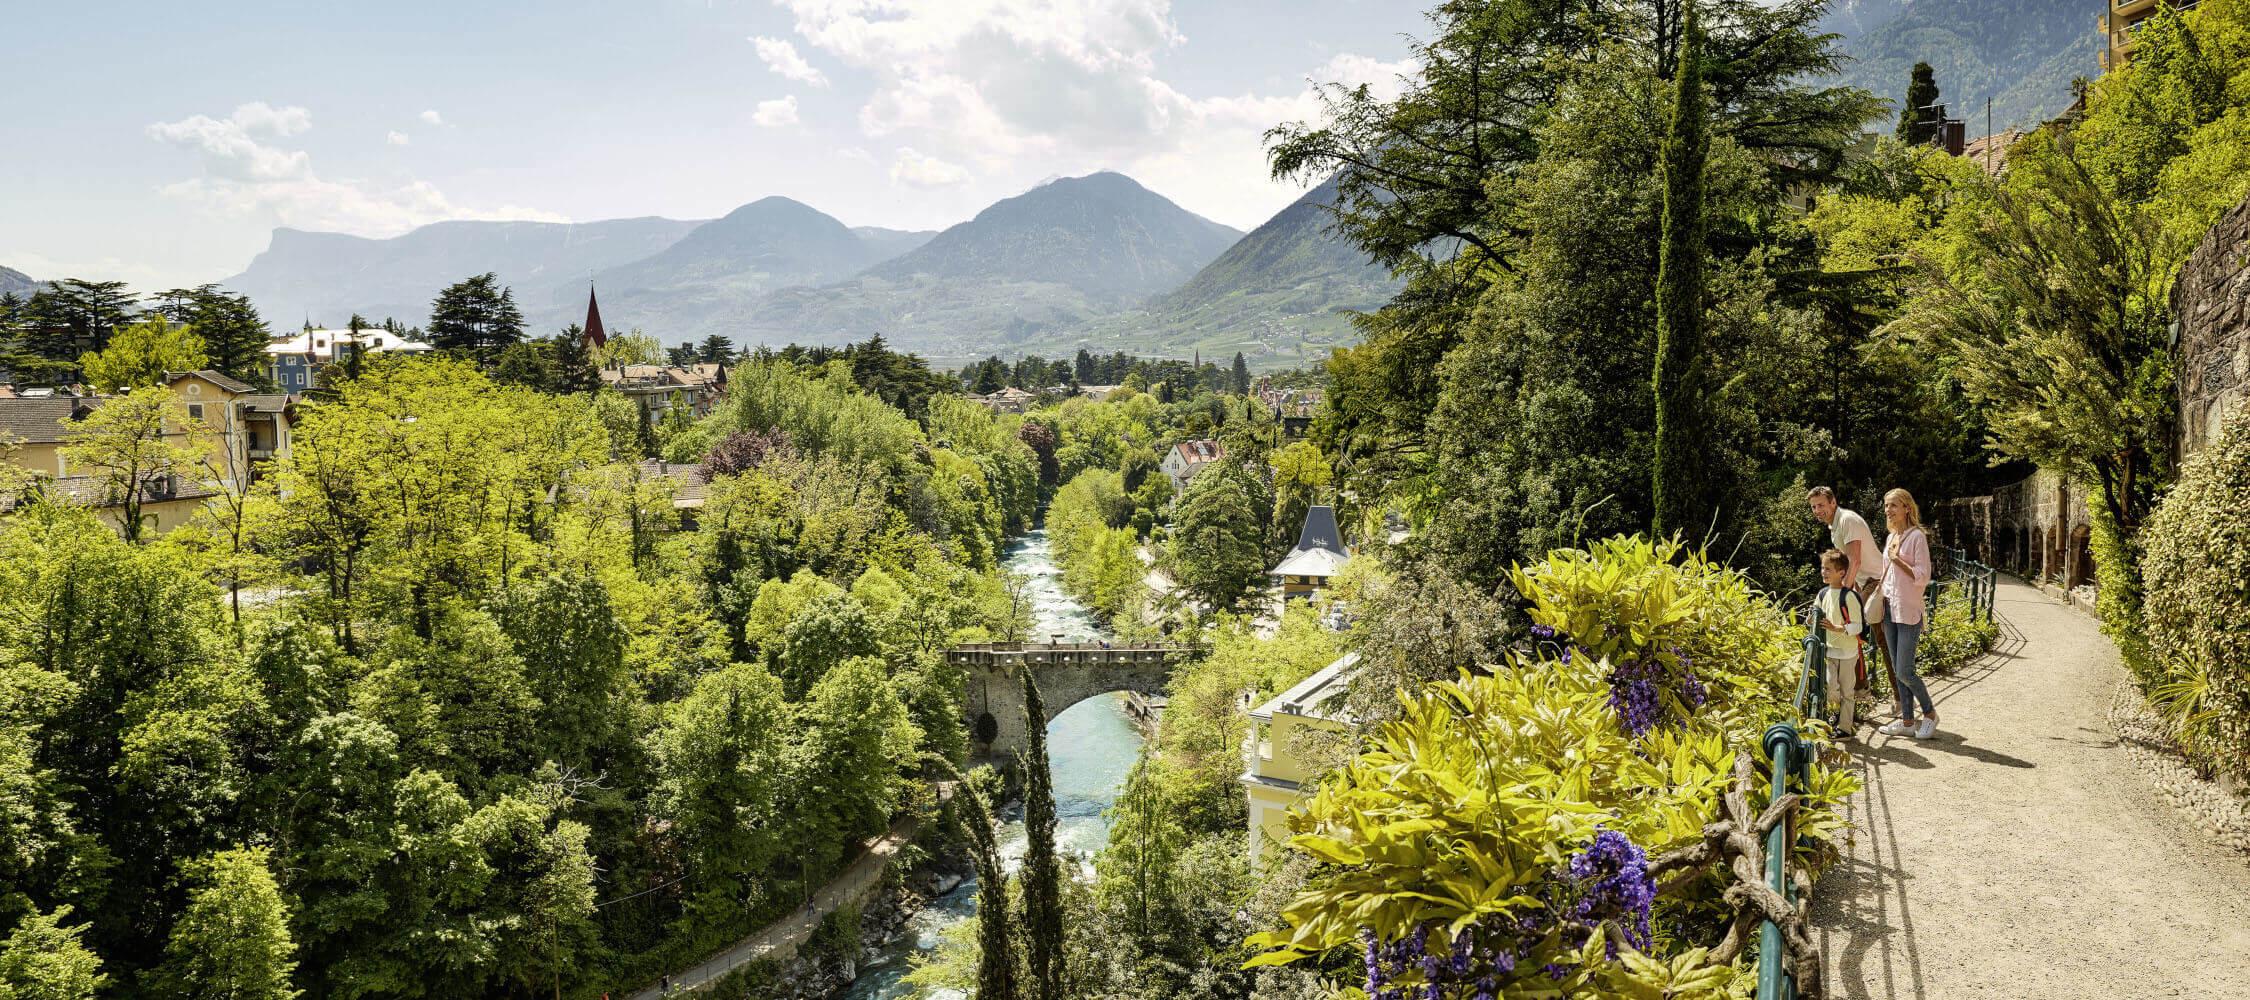 Italien-Trentino_Suedtirol_Alto_Adige_Merano_Meran_Natur_Panorama_Tappeinerweg_IDM_AndreasMierswa_3_2250x1000